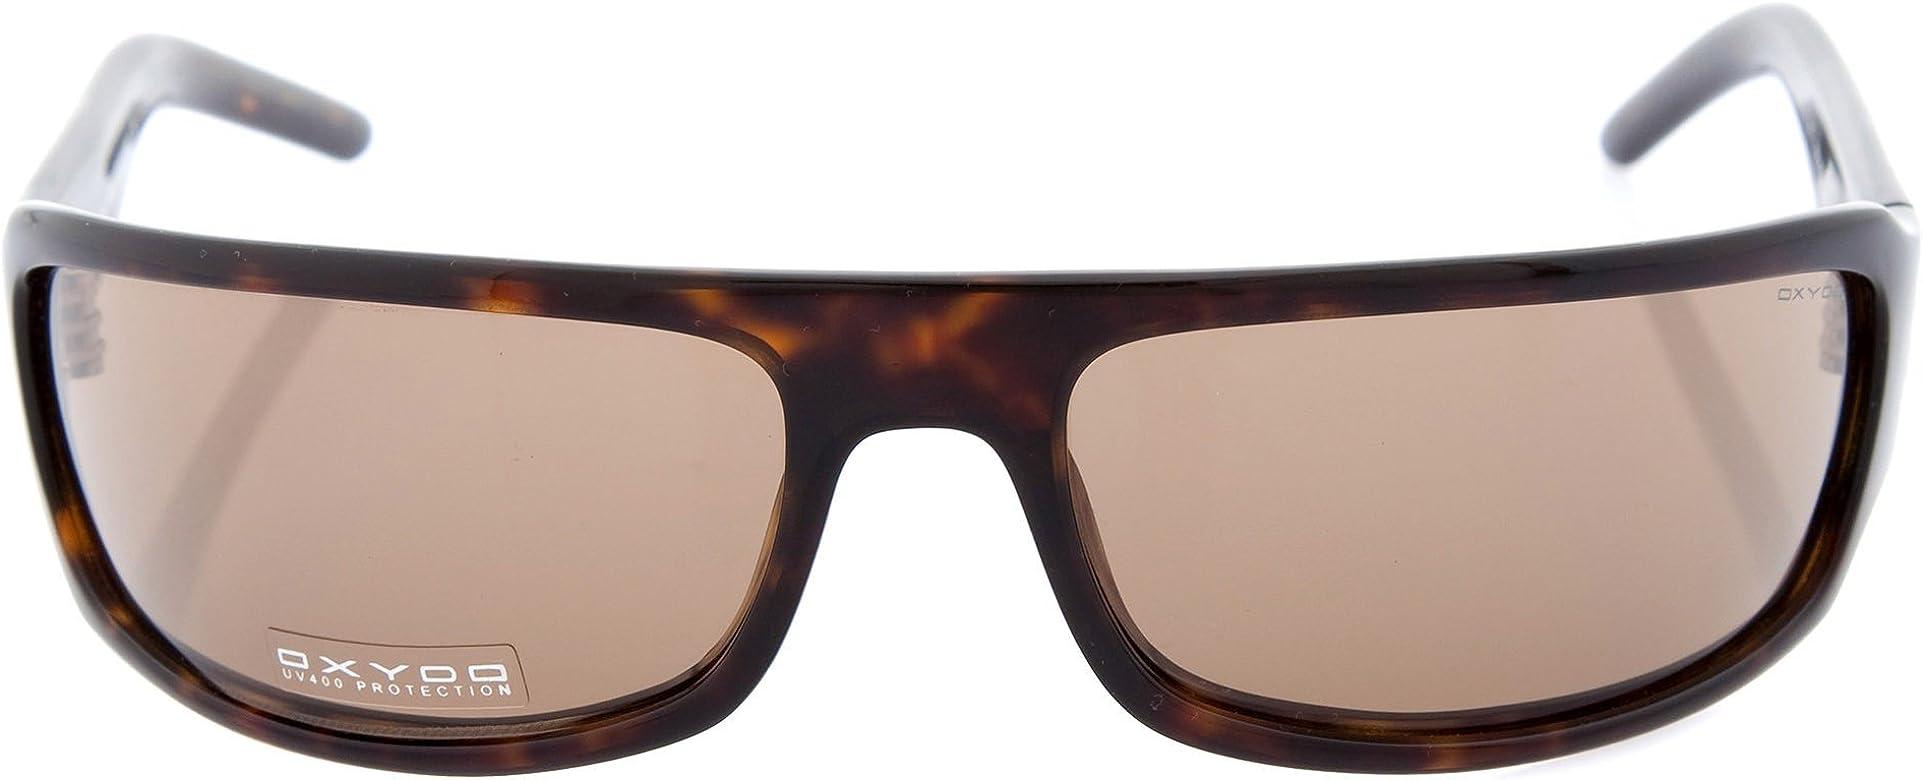 oxydo Mujer Gafas de sol Rocker de 086: Amazon.es: Ropa y ...